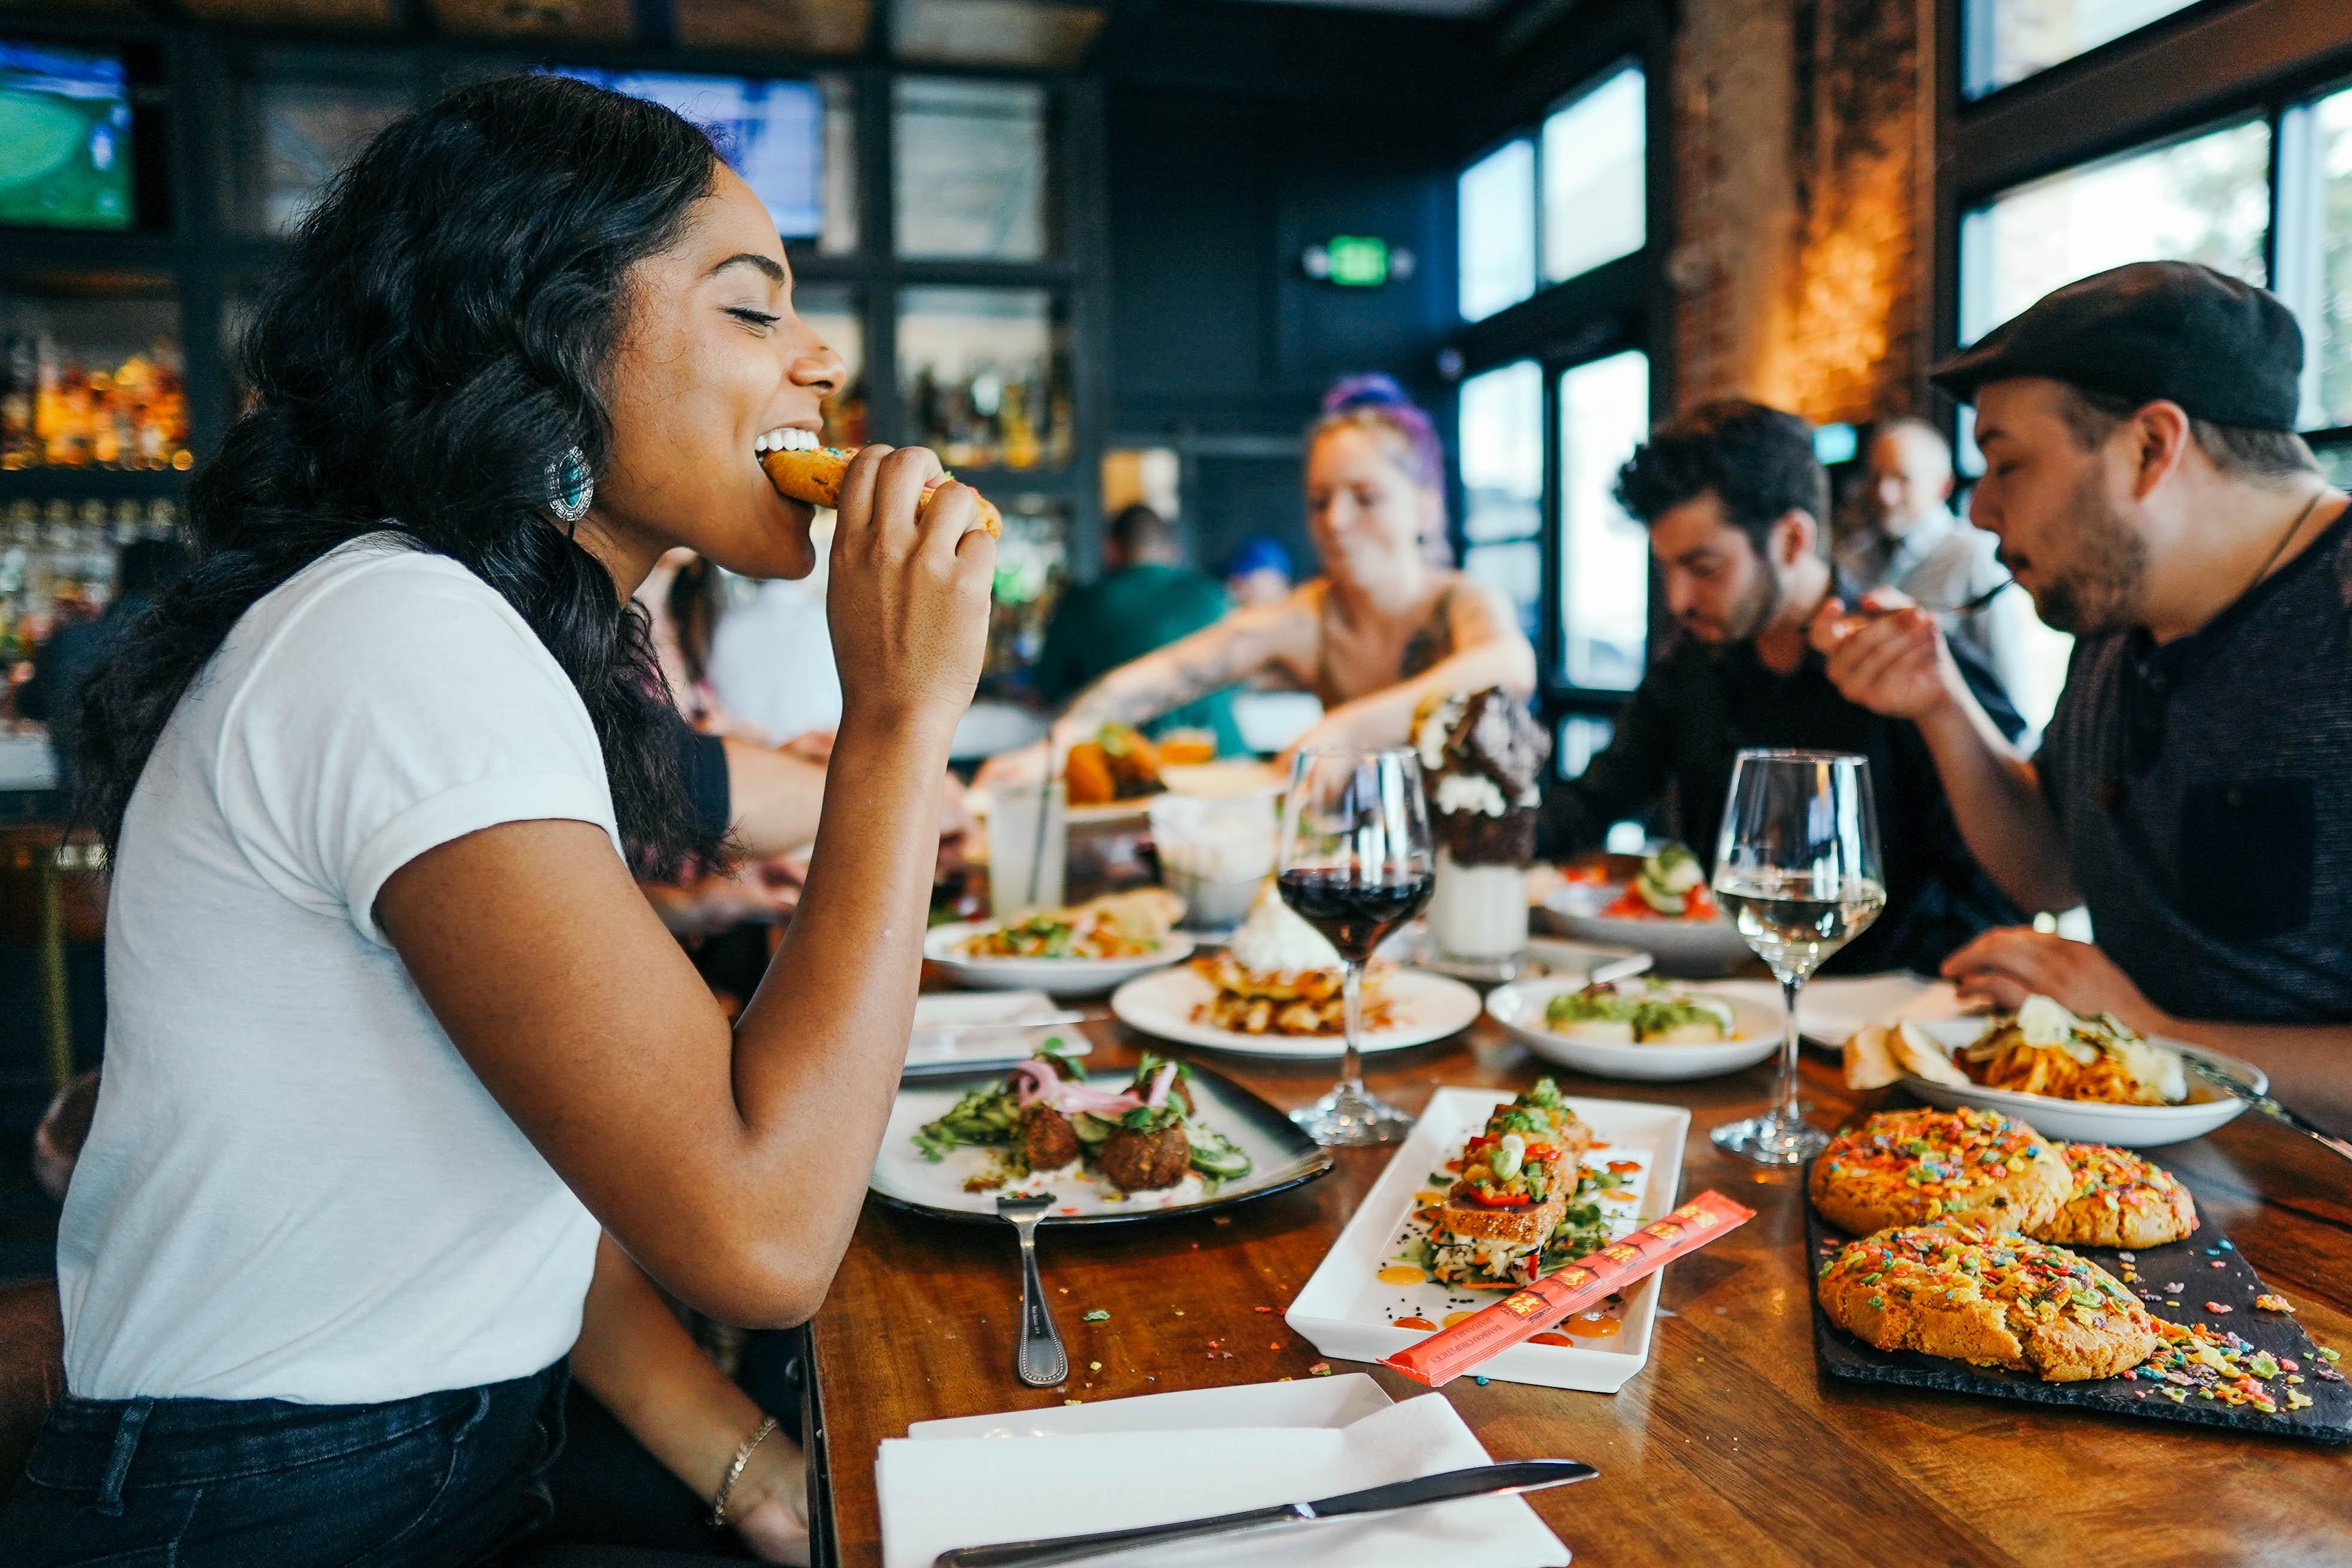 डाइटीशियन और न्यूट्रिशनिस्ट का कहना है कि छुट्टियों में हम रिलैक्स हो जाते हैं और खाने-पीने को खूब एंजॉय करते हैं। इससे वजन तेजी से बढ़ने लगता है। इसे कंट्रोल करना मुश्किल हो जाता है। -सिम्बॉलिक इमेज